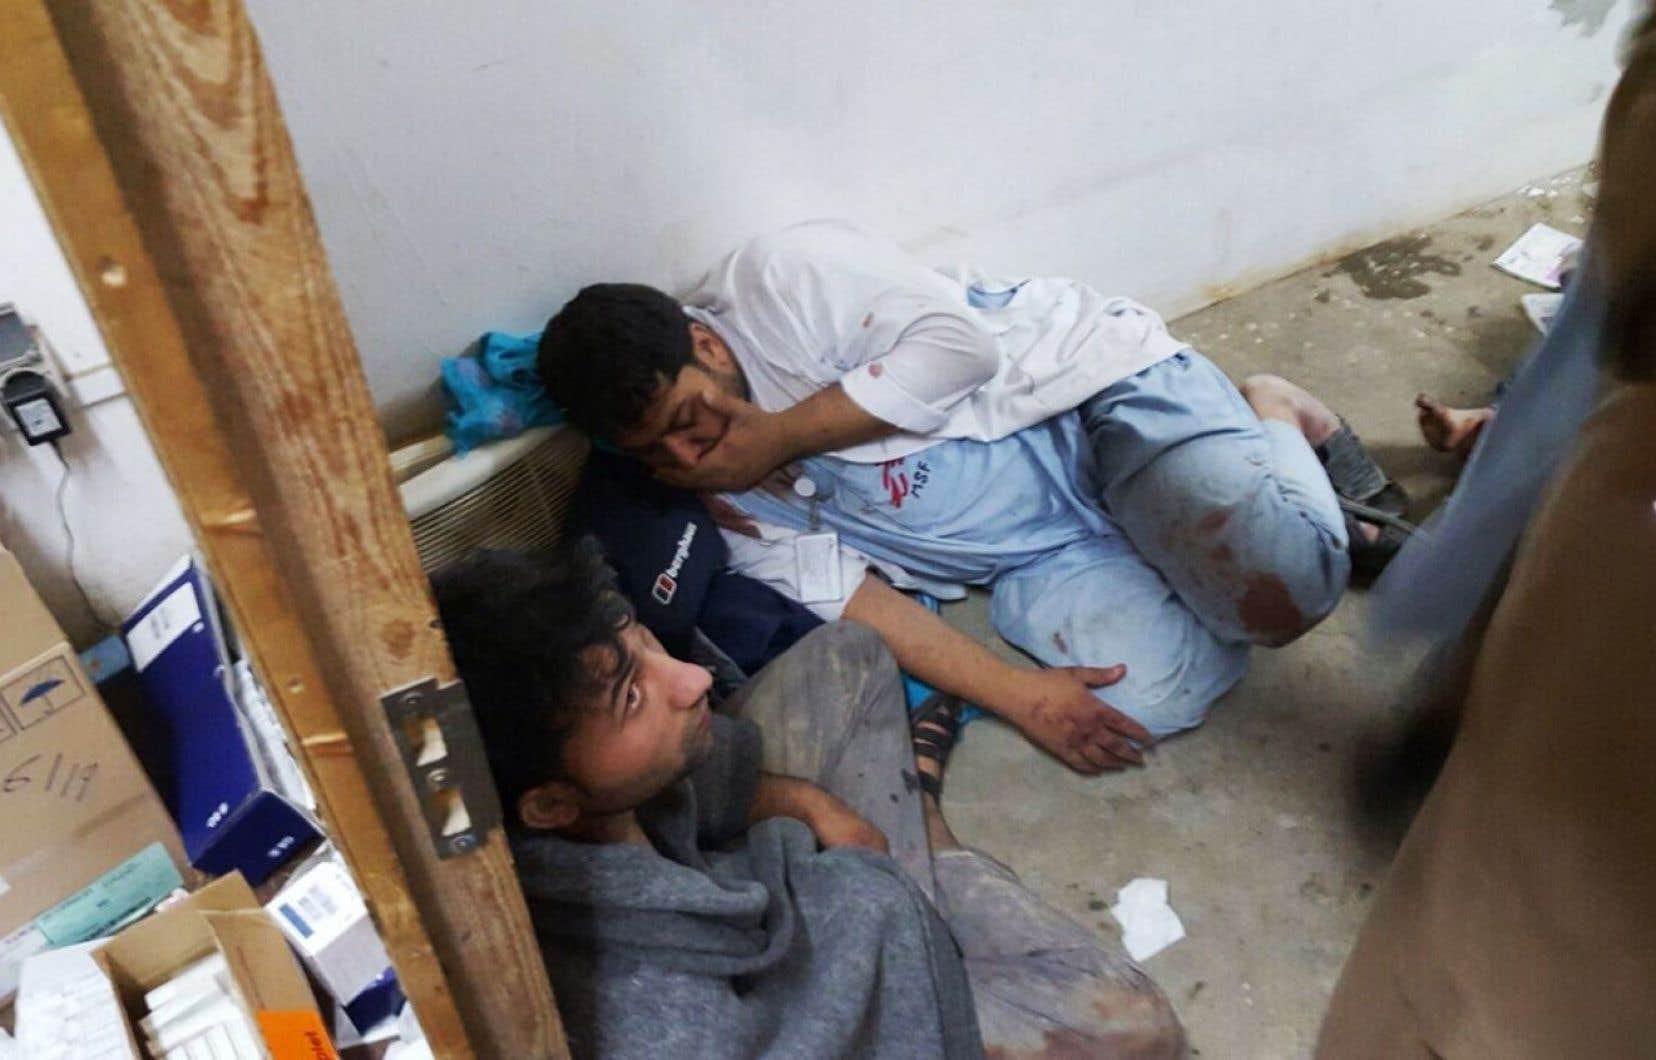 Au moment du bombardement, 105 patients et 80 membres du personnel, des Afghans et des étrangers, étaient présents dans l'hôpital.